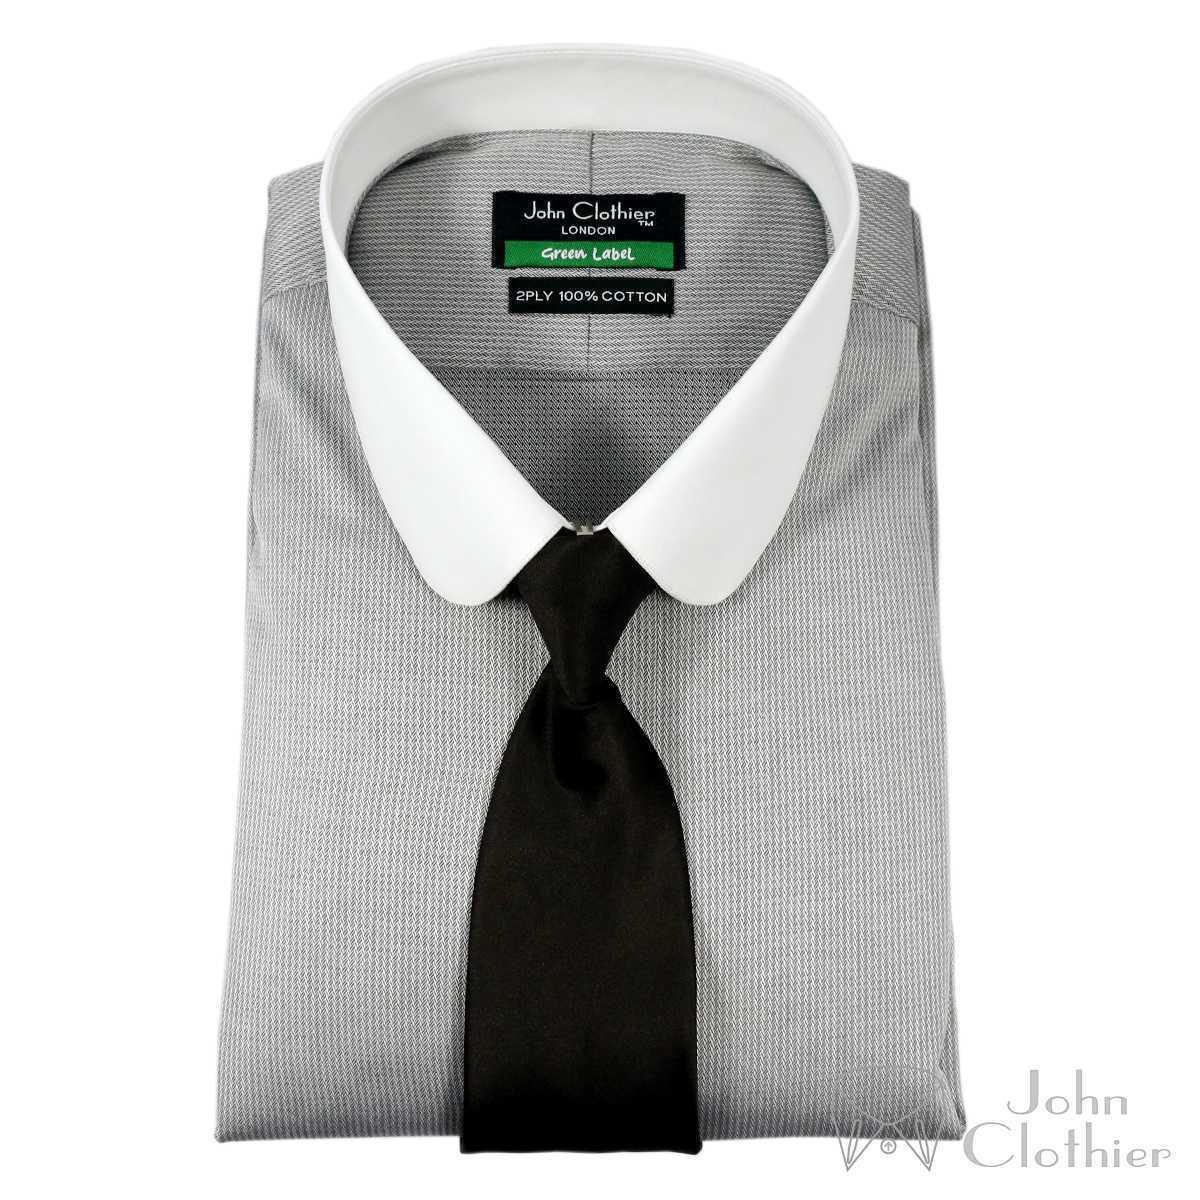 Club Kragen Herren Bankier Formelles Hemd für Geschäft Wear Penny Baumwolle